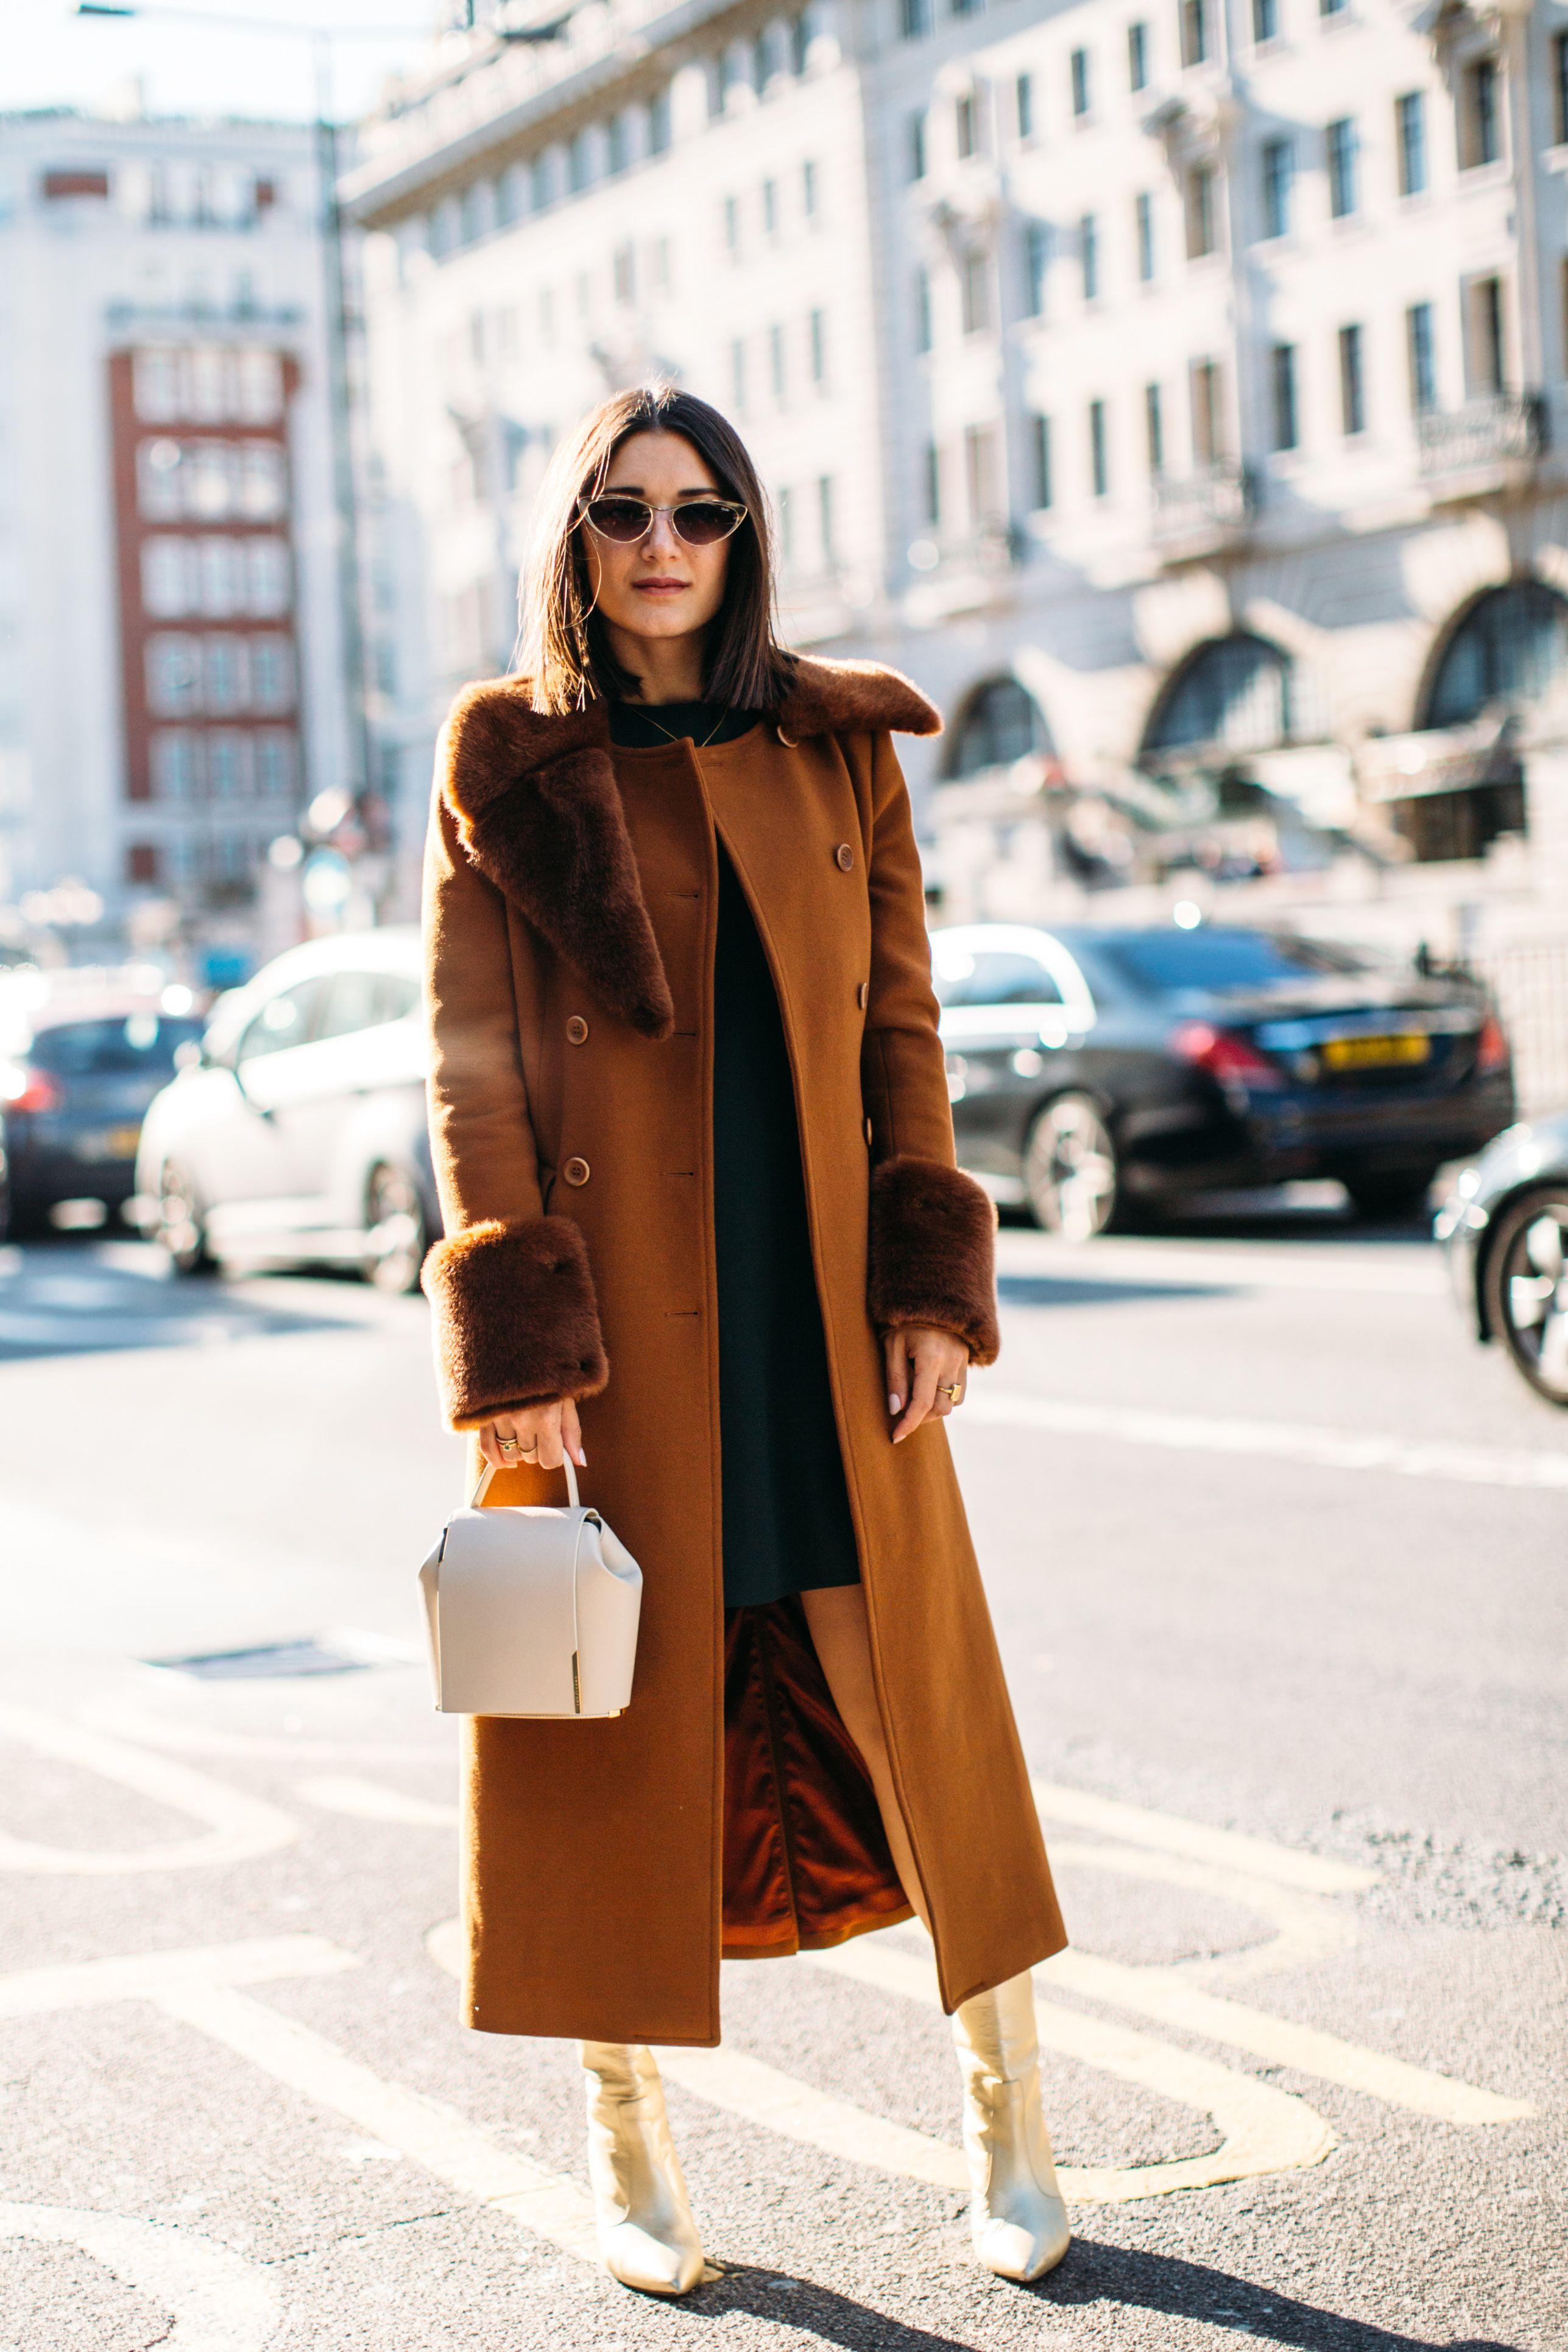 Colori Moda 2019: come abbinare il marrone per l'Autunno